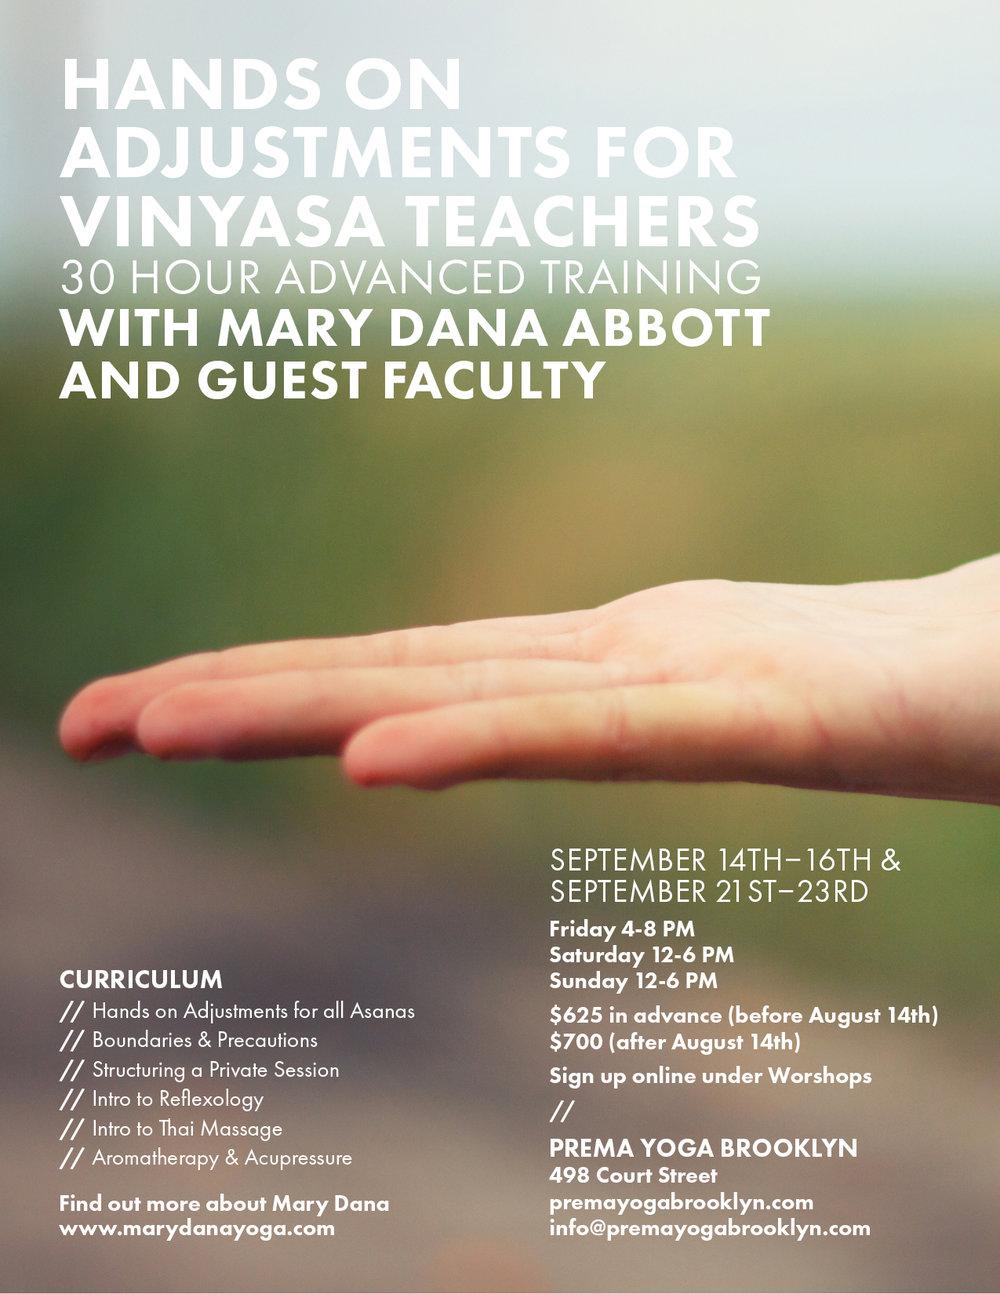 TeachersAdjustments_Final copy.jpg